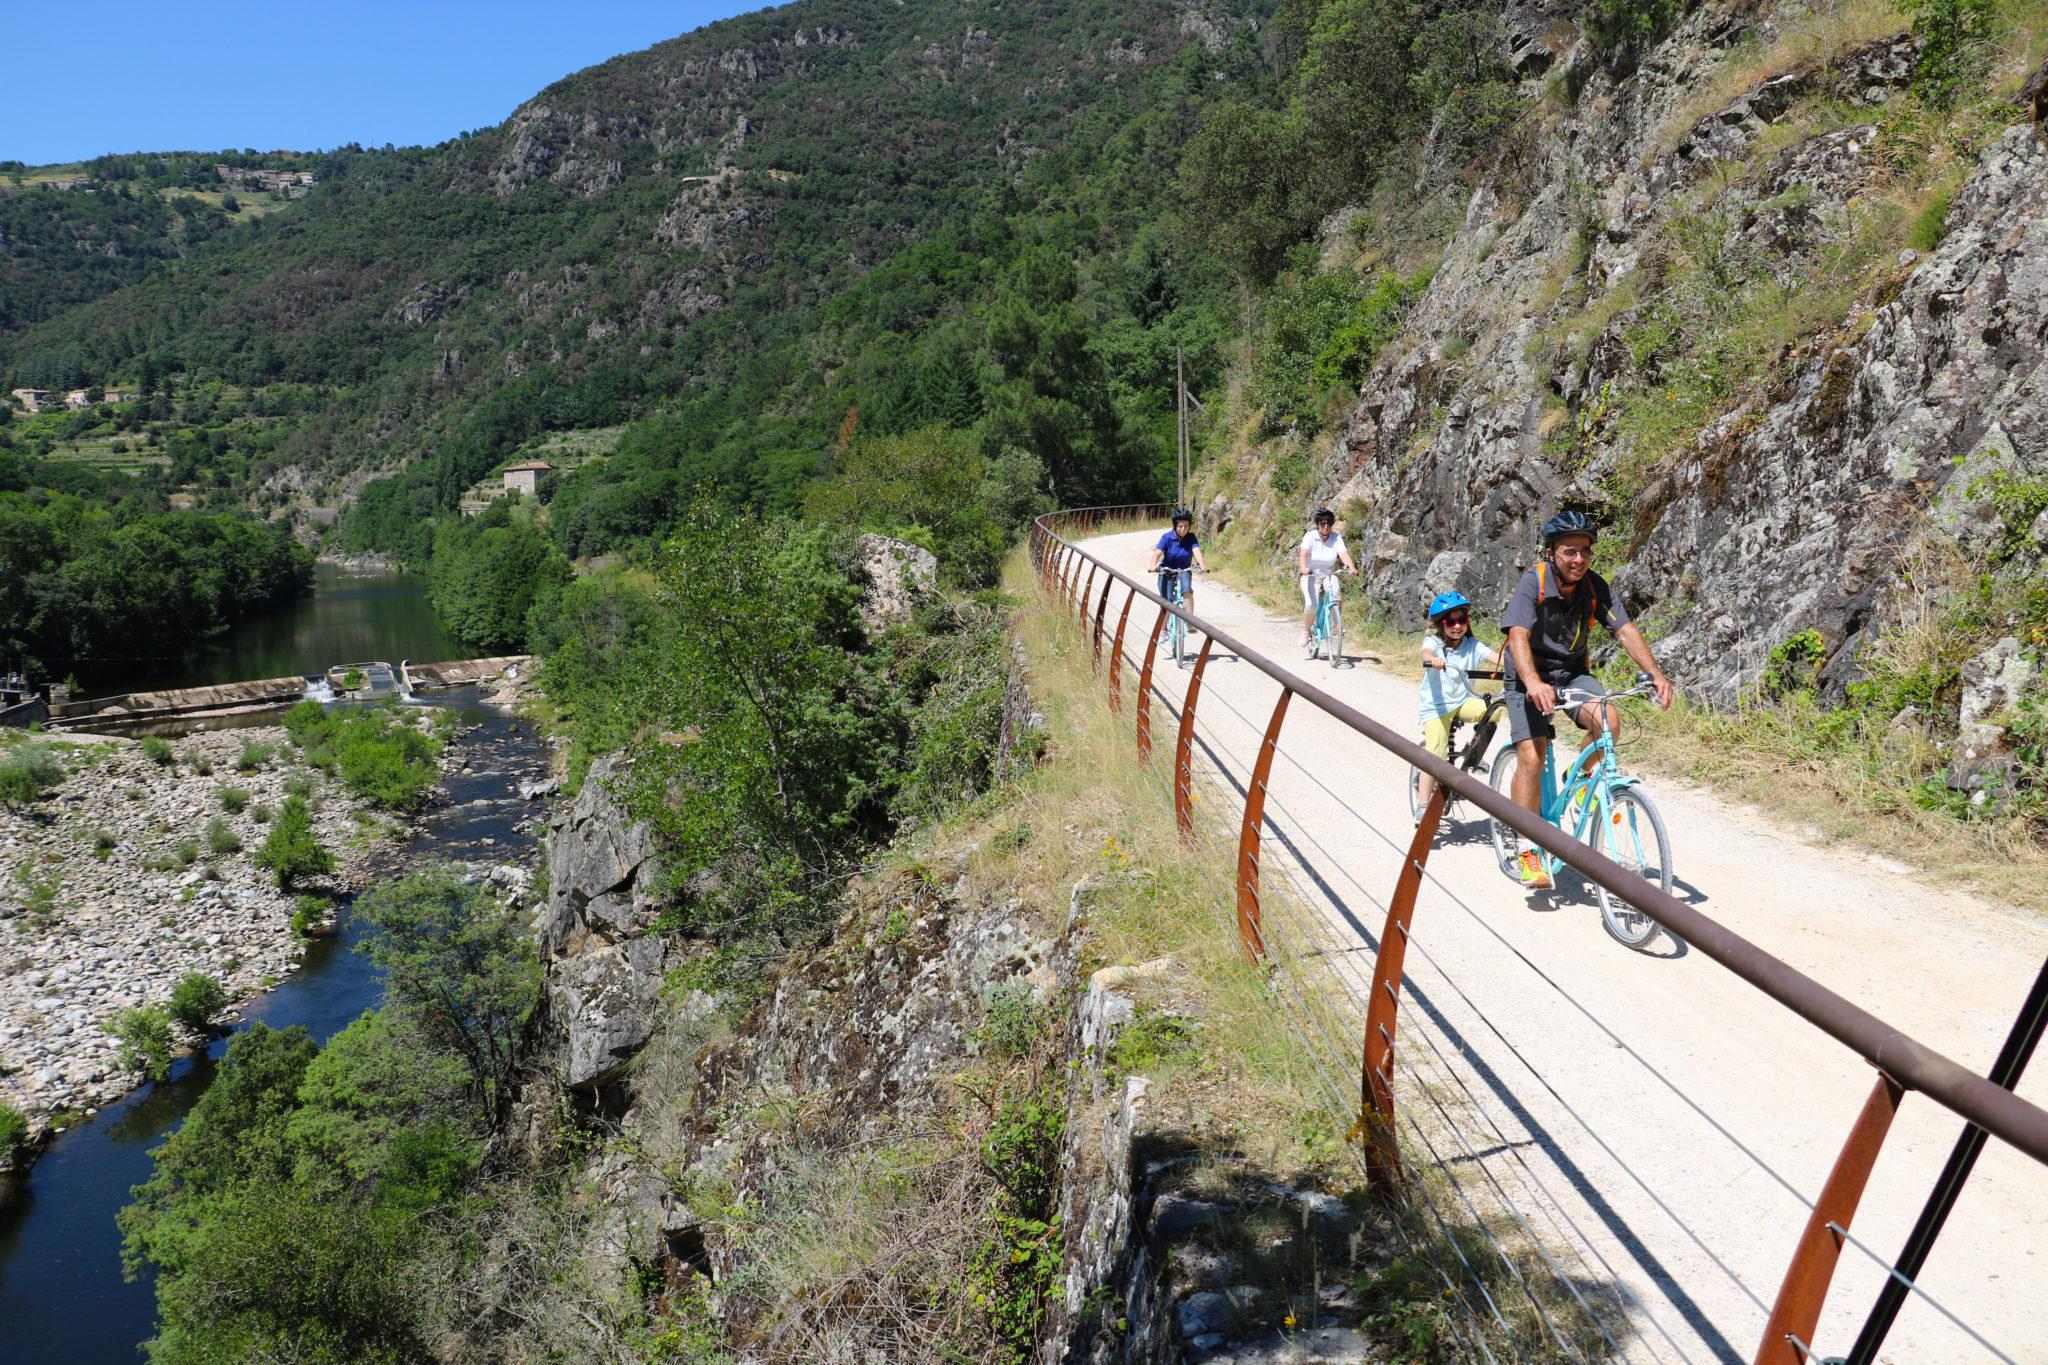 Vacances à vélo en Ardèche Buissonniere